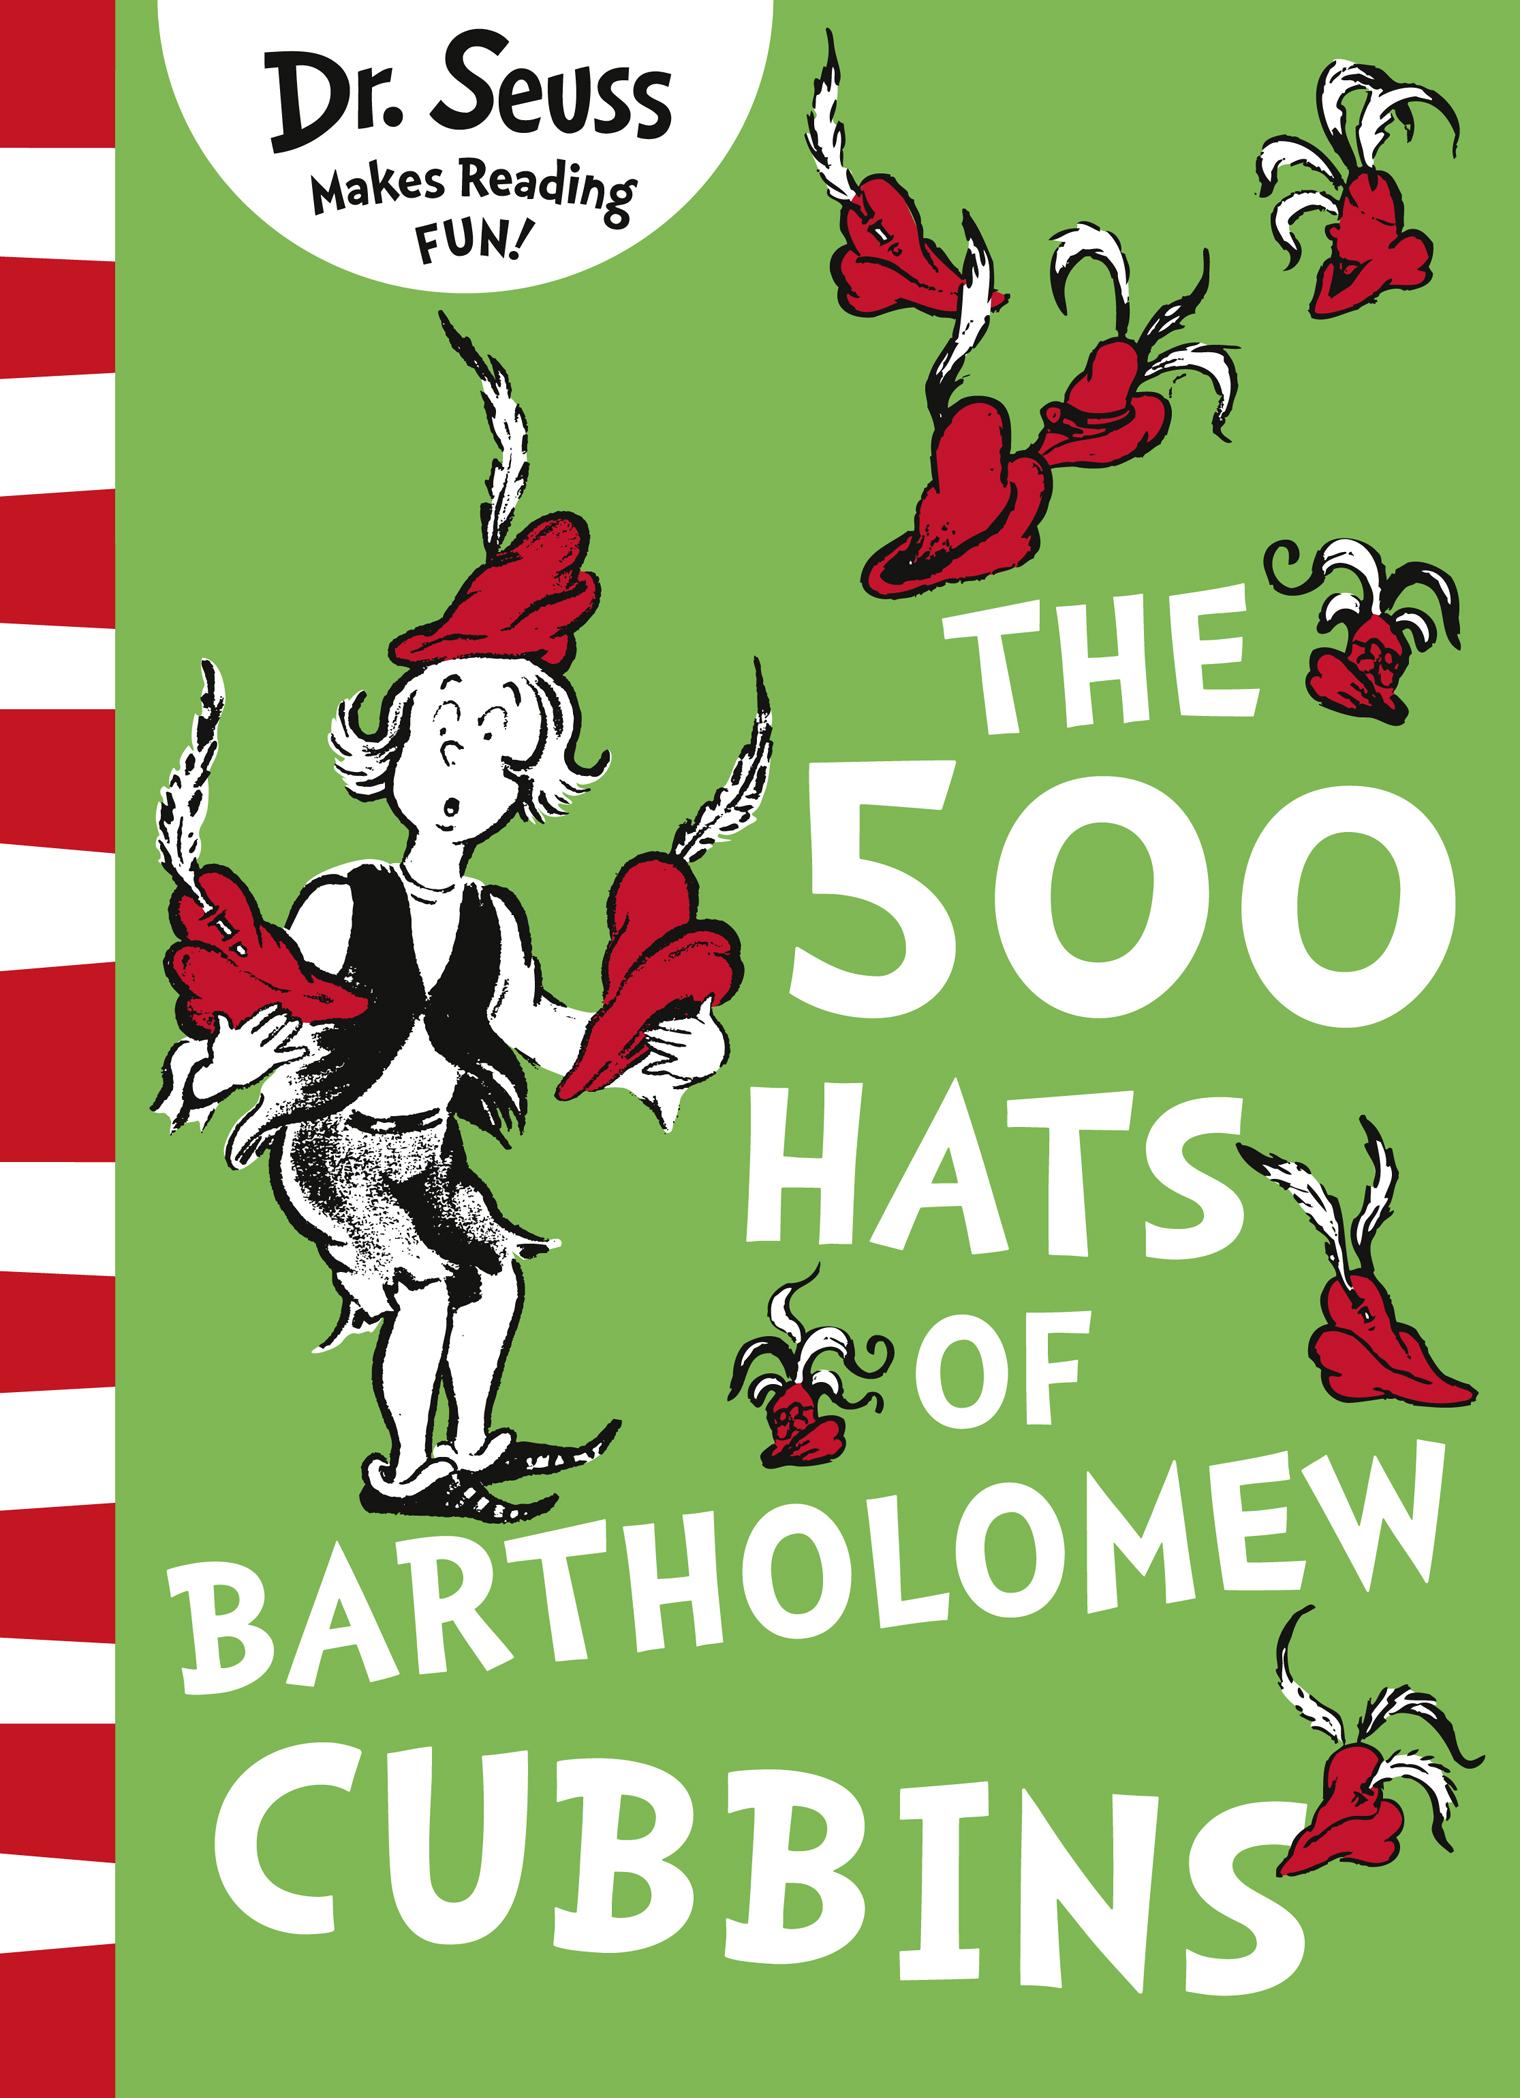 Dr. Seuss The 500 Hats of Bartholomew Cubbins hats